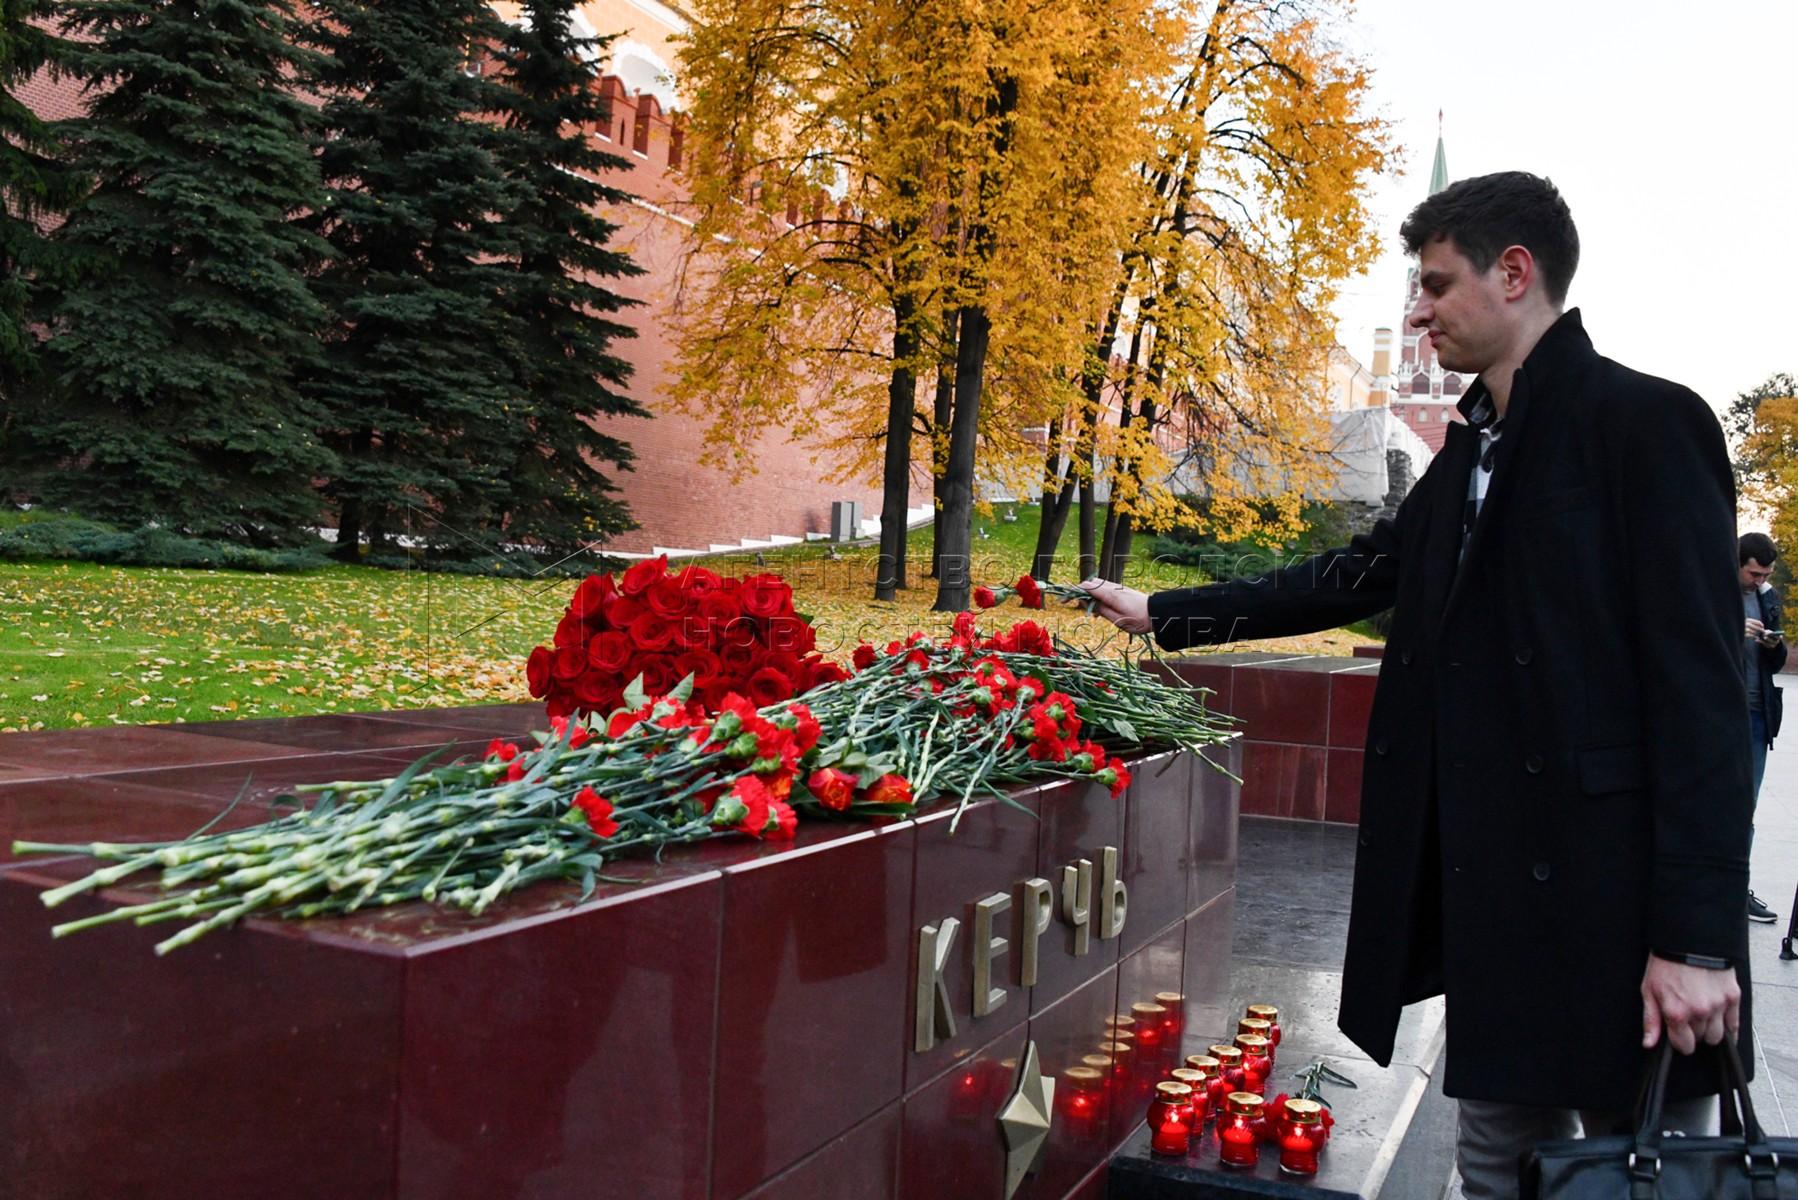 Автор фото: Иванко Игорь. Цветы в память о погибших при нападении на колледж в Керчи.